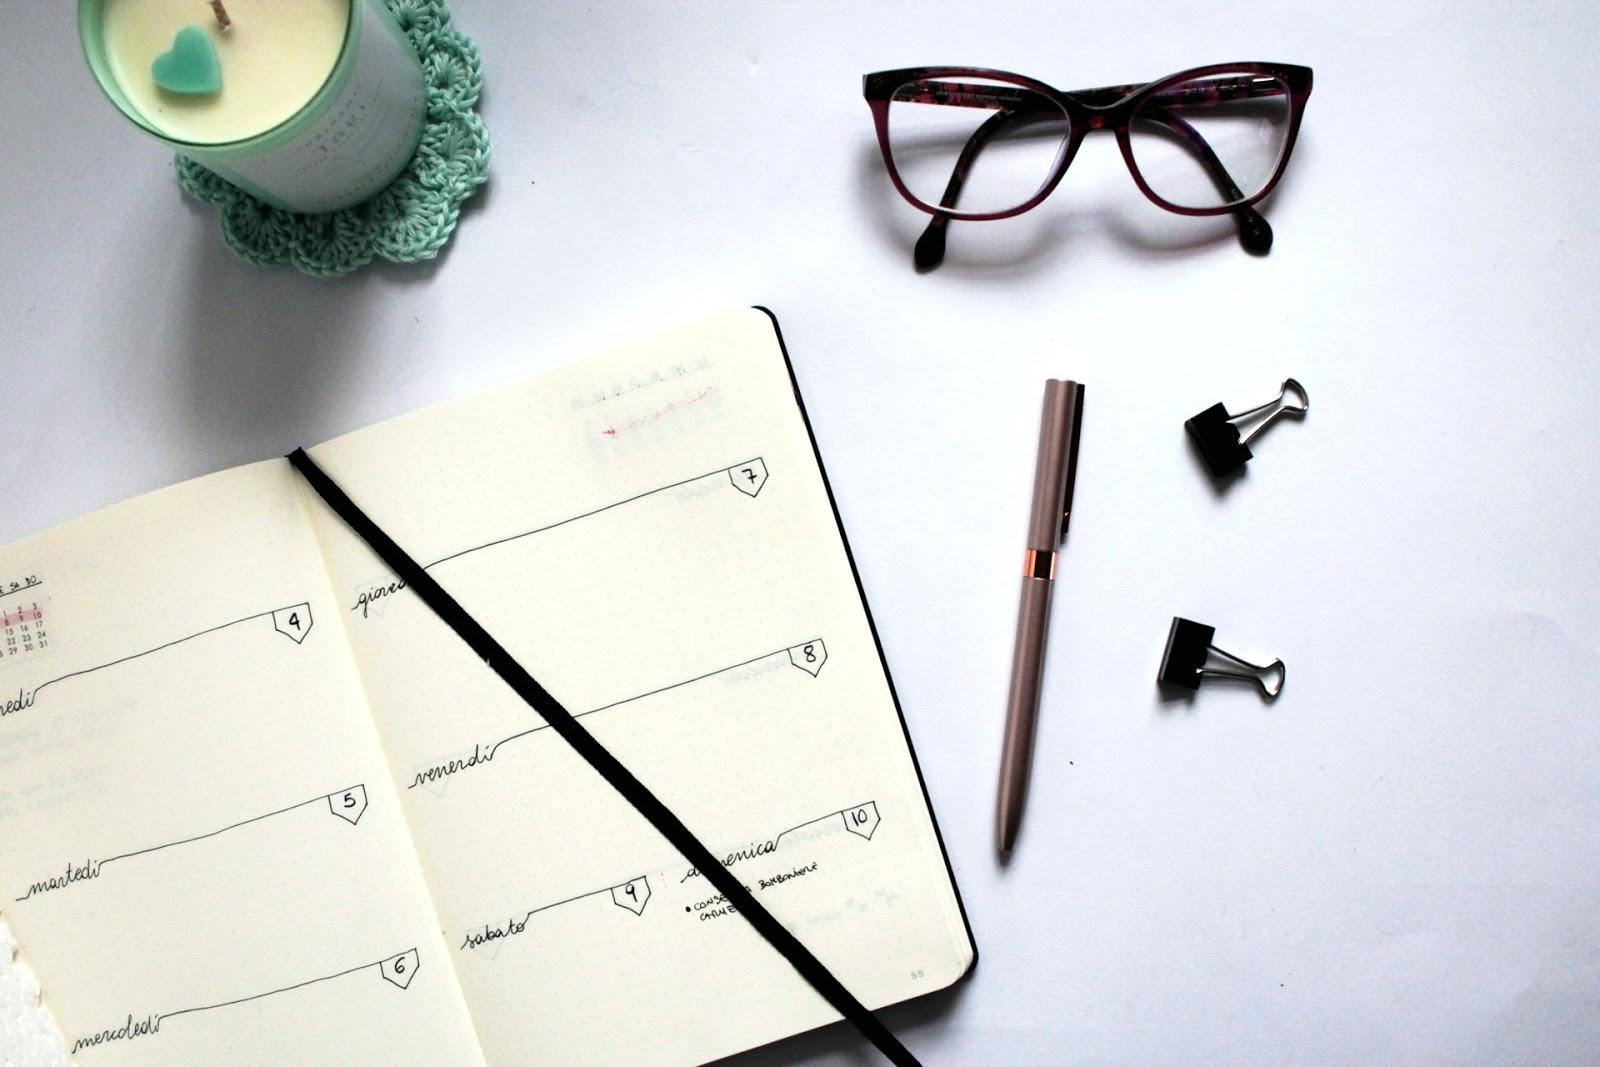 Come mantenere l'agenda funzionante: 6 consigli da seguire